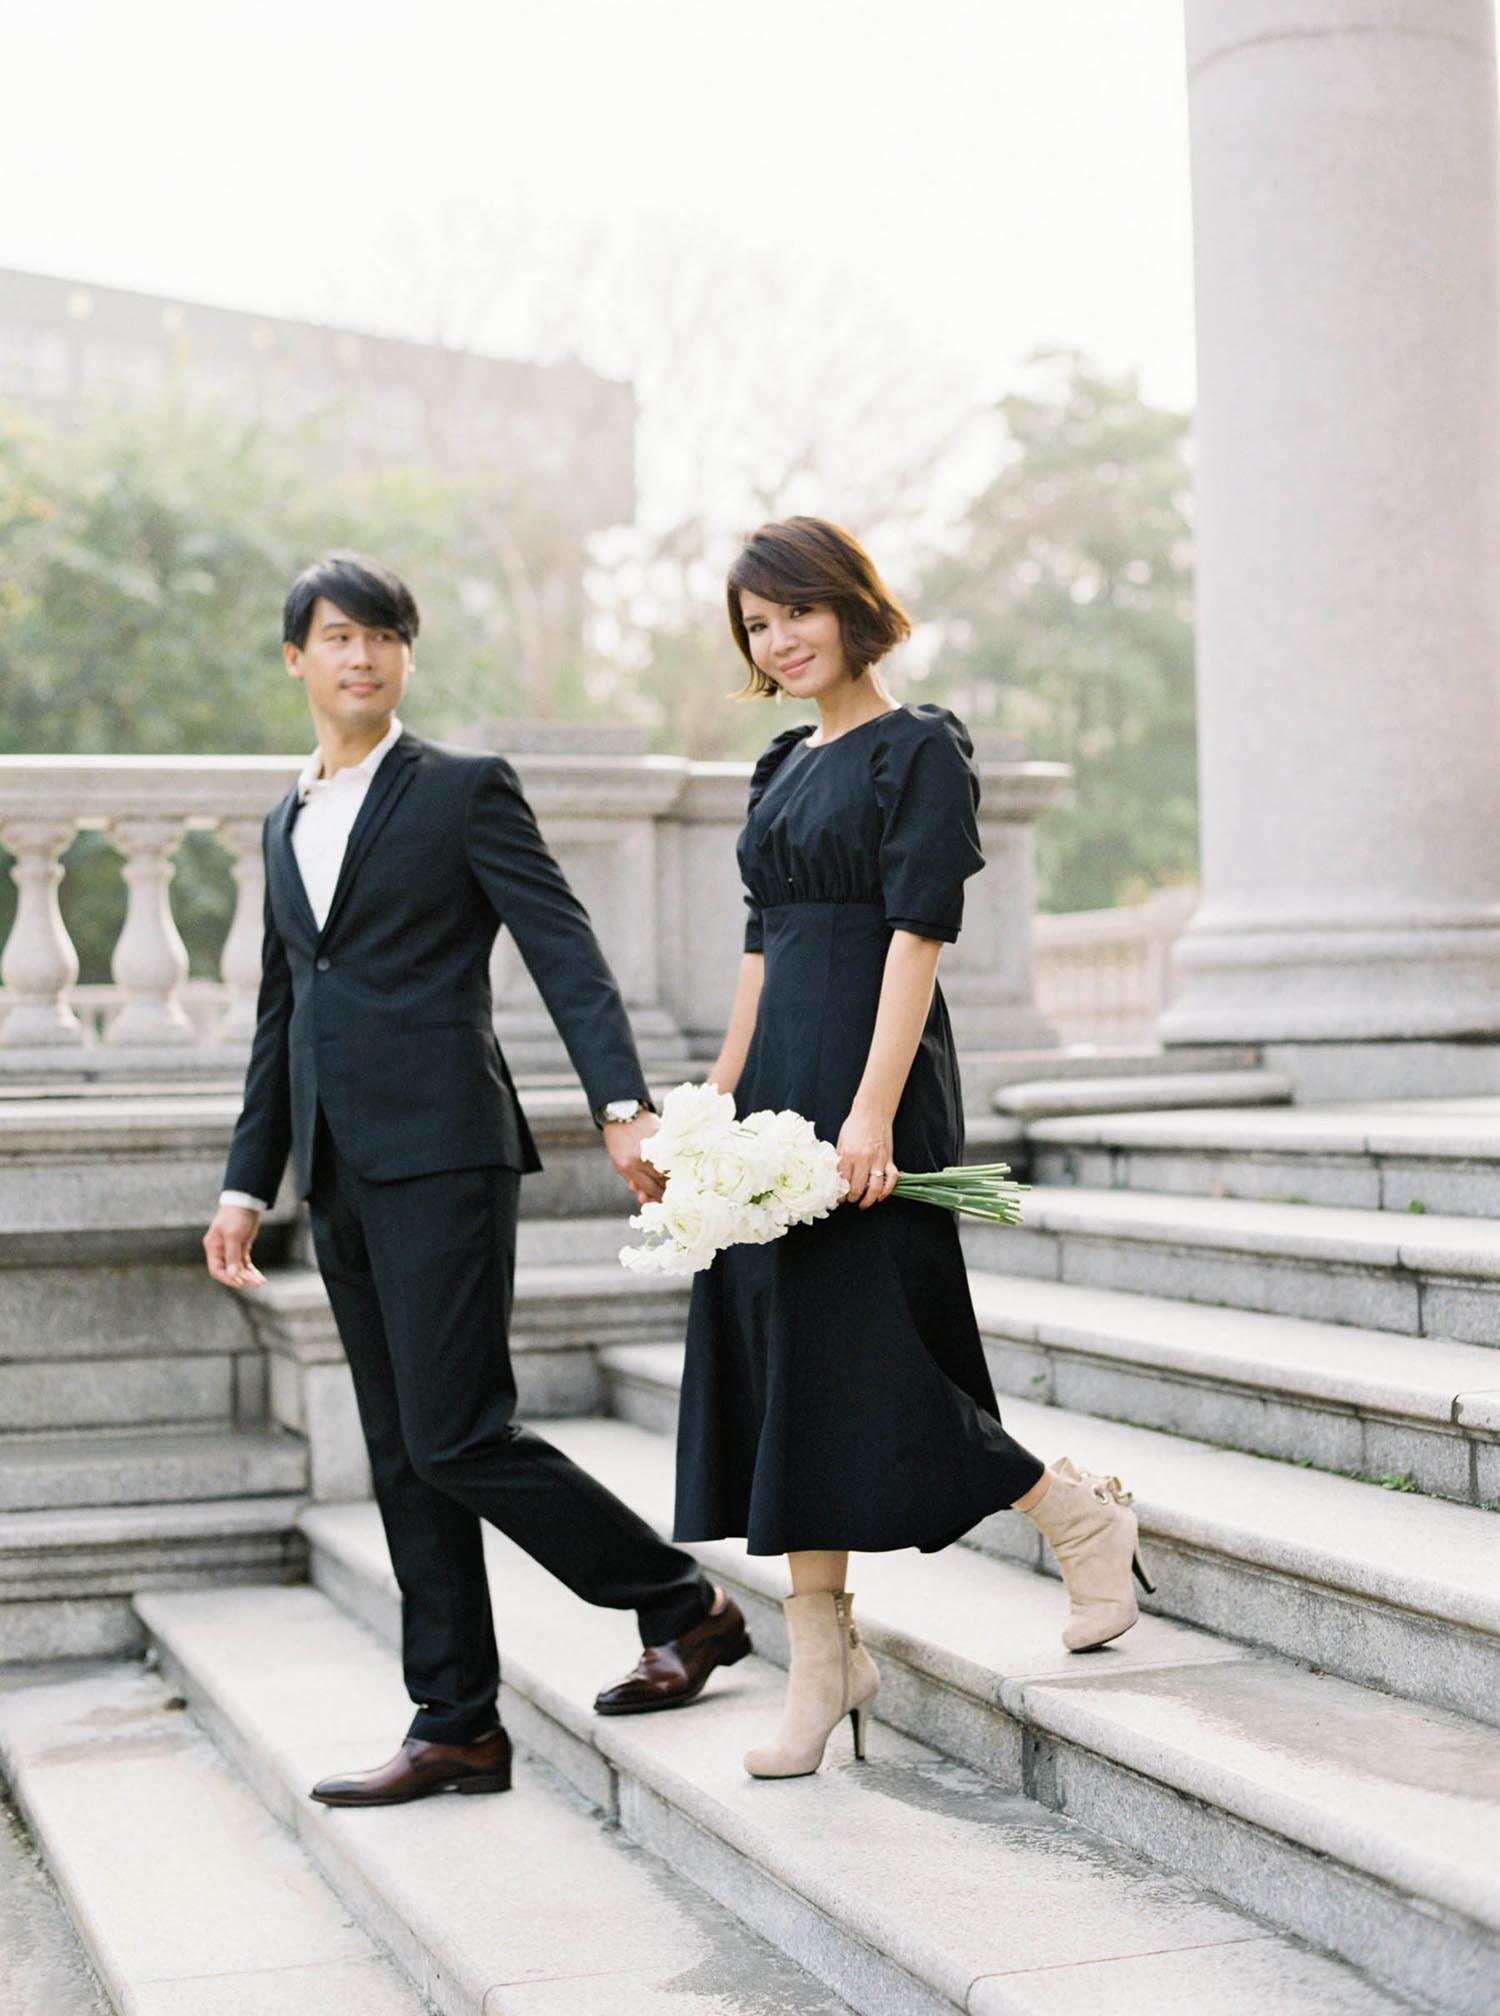 週年紀念-婚紗-城市風格-吉兒梁婚禮-大同大學